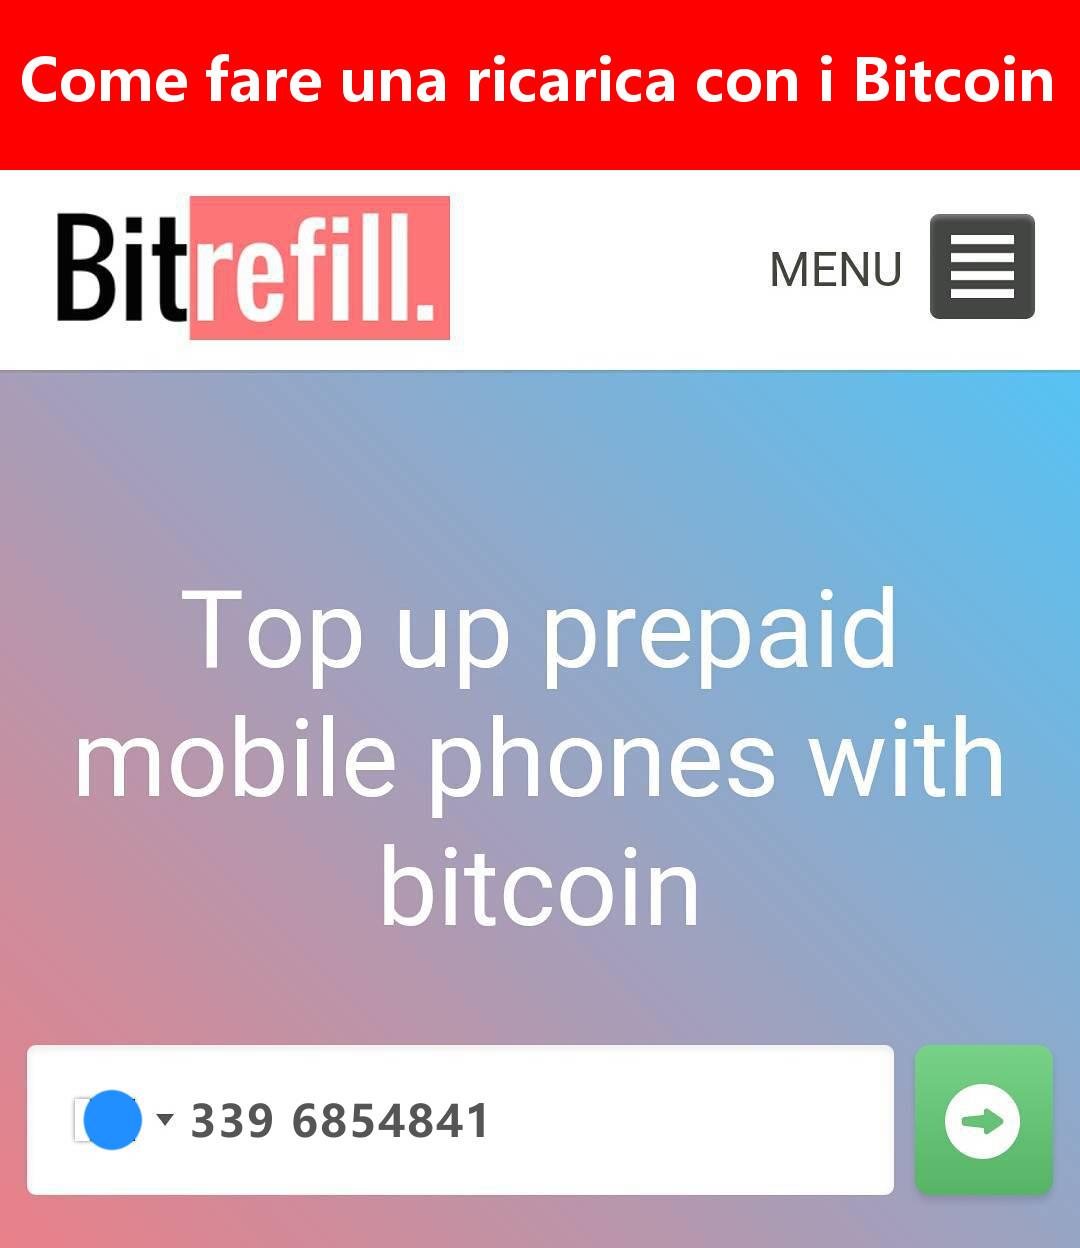 Come ricaricare il telefono con i Bitcoin